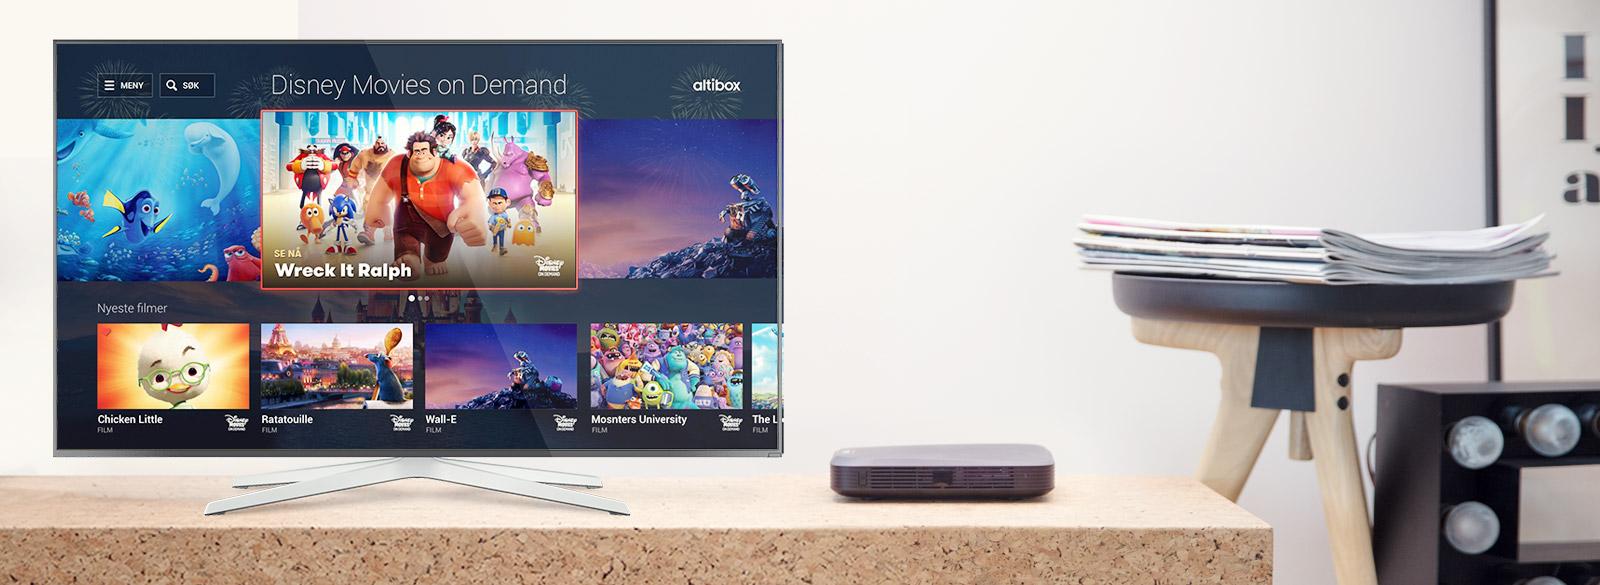 Altibox apple tv